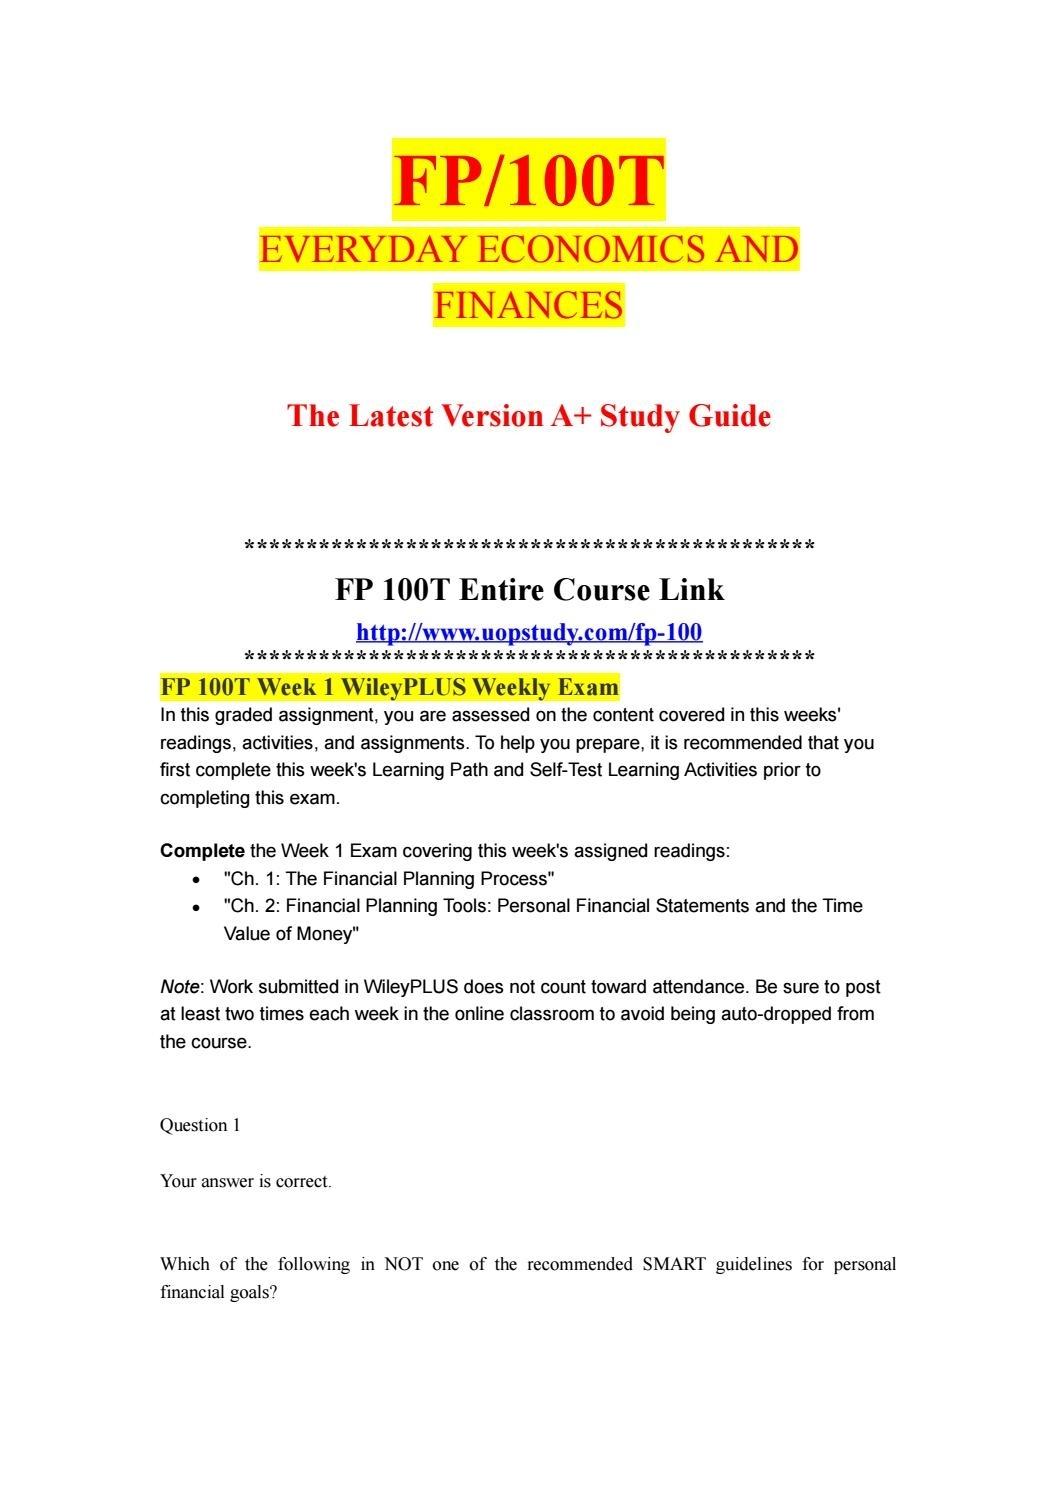 Fp 100T Week 1 Wileyplus Weekly Exam- Uopstudy